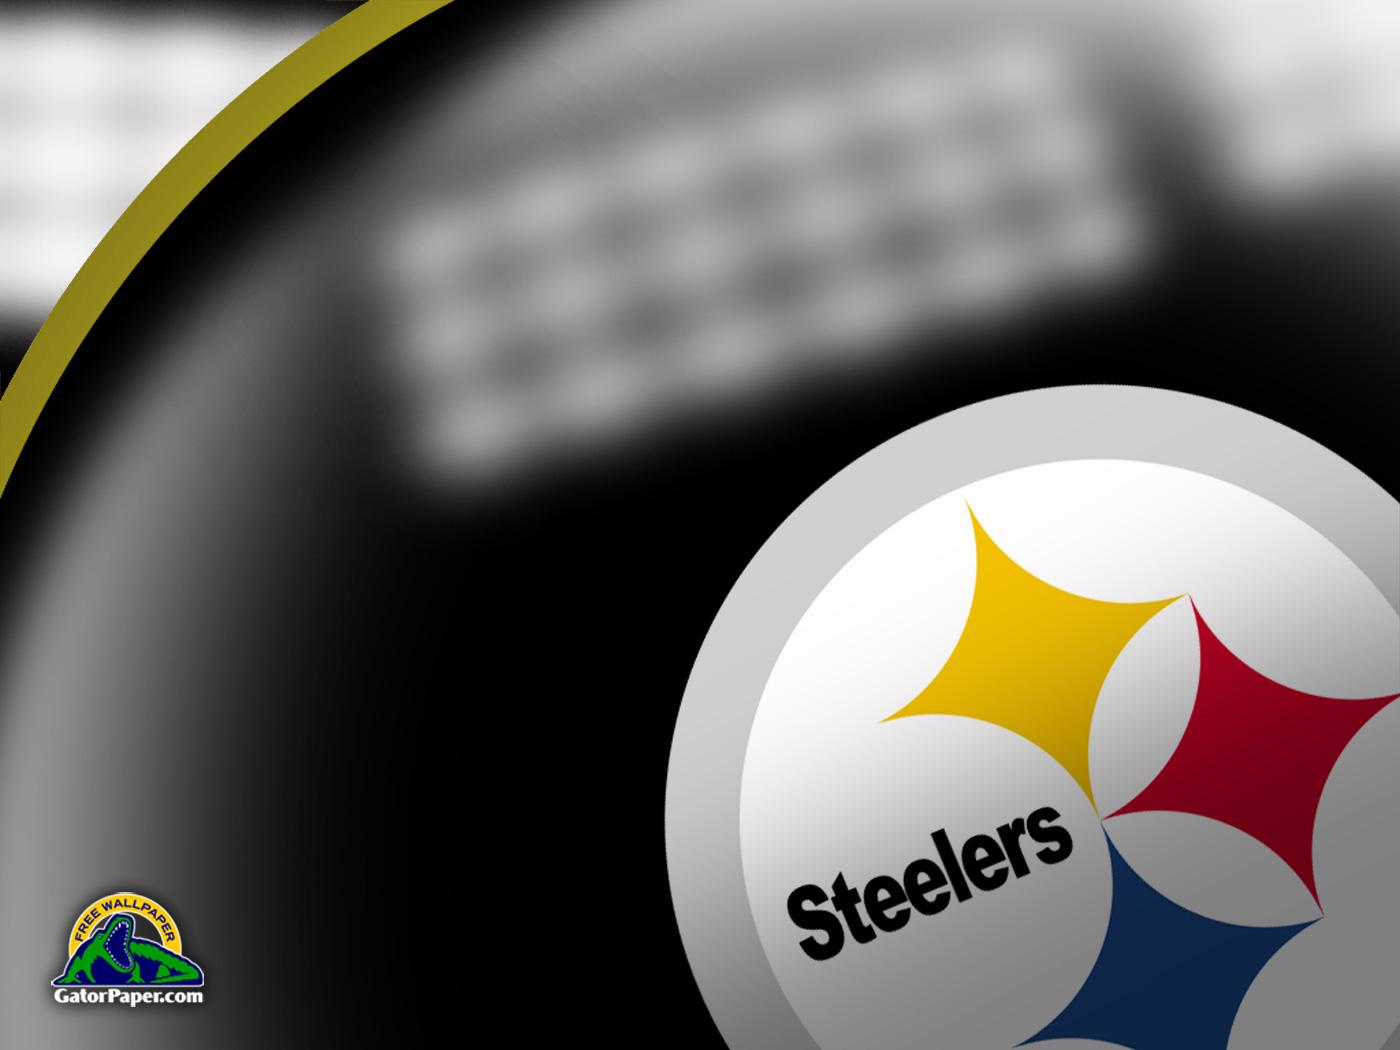 Steelers desktop wallpapers Pittsburgh Steelers wallpapers 1400x1050